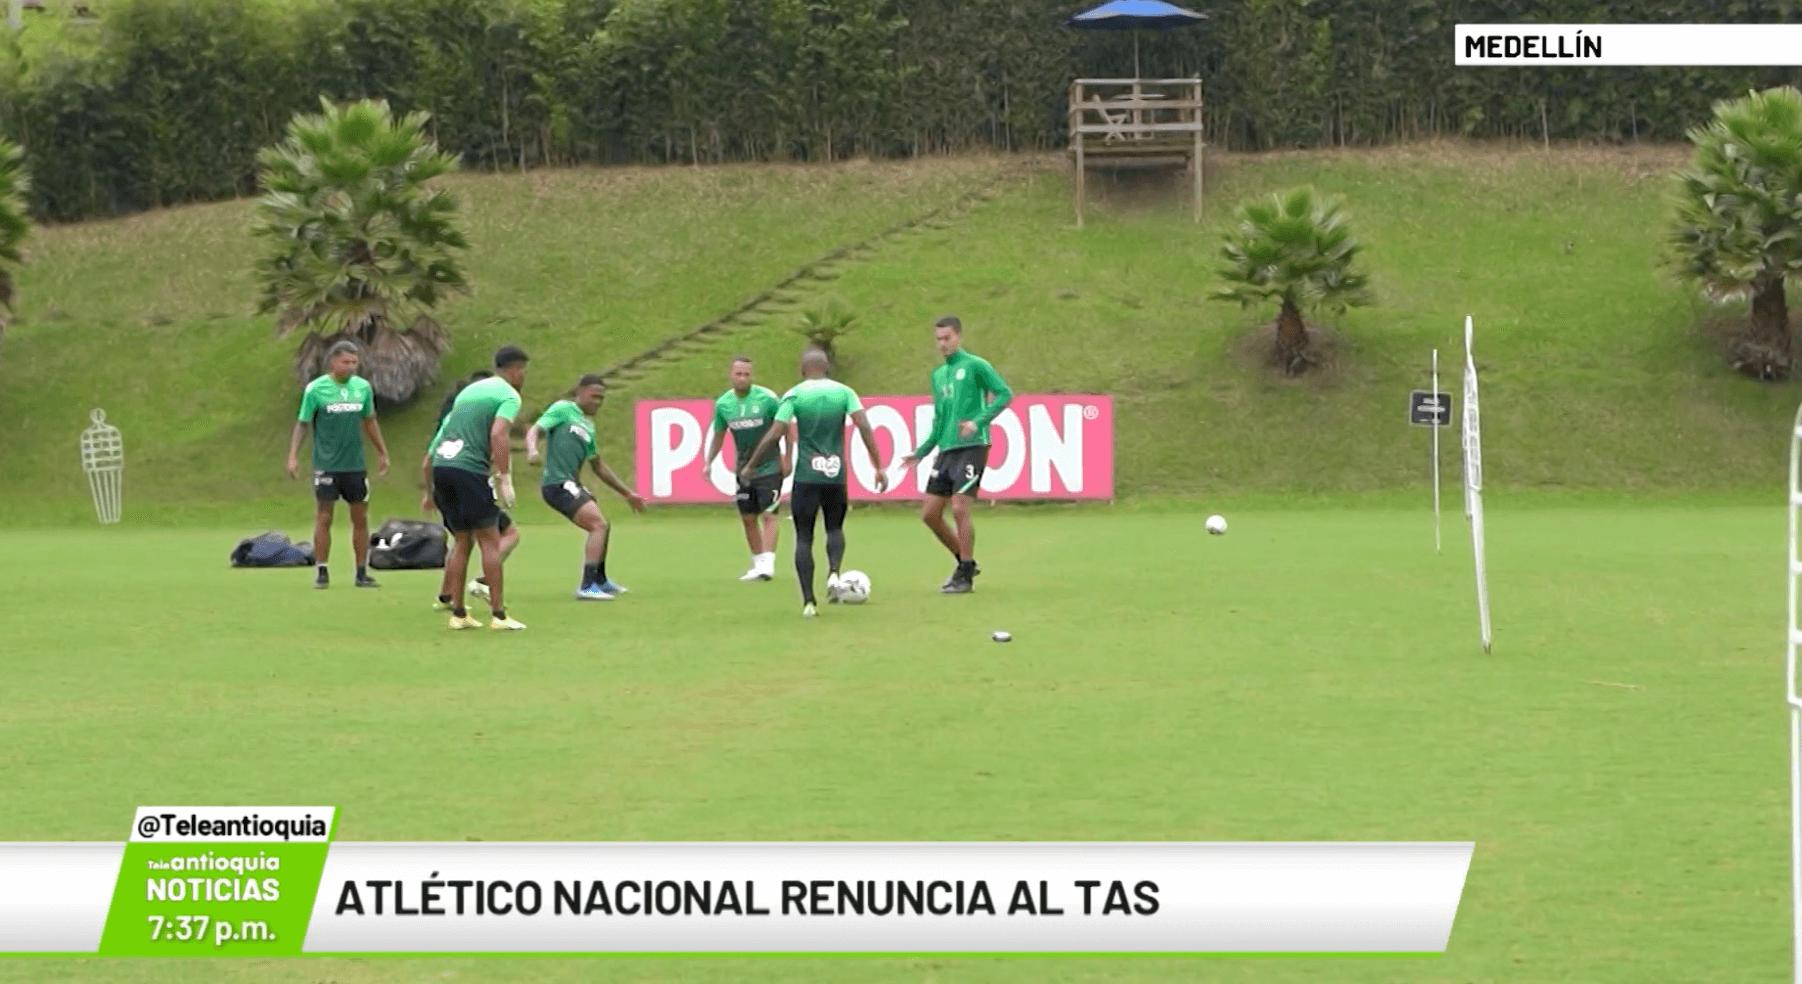 Atlético Nacional renúncia al TAS